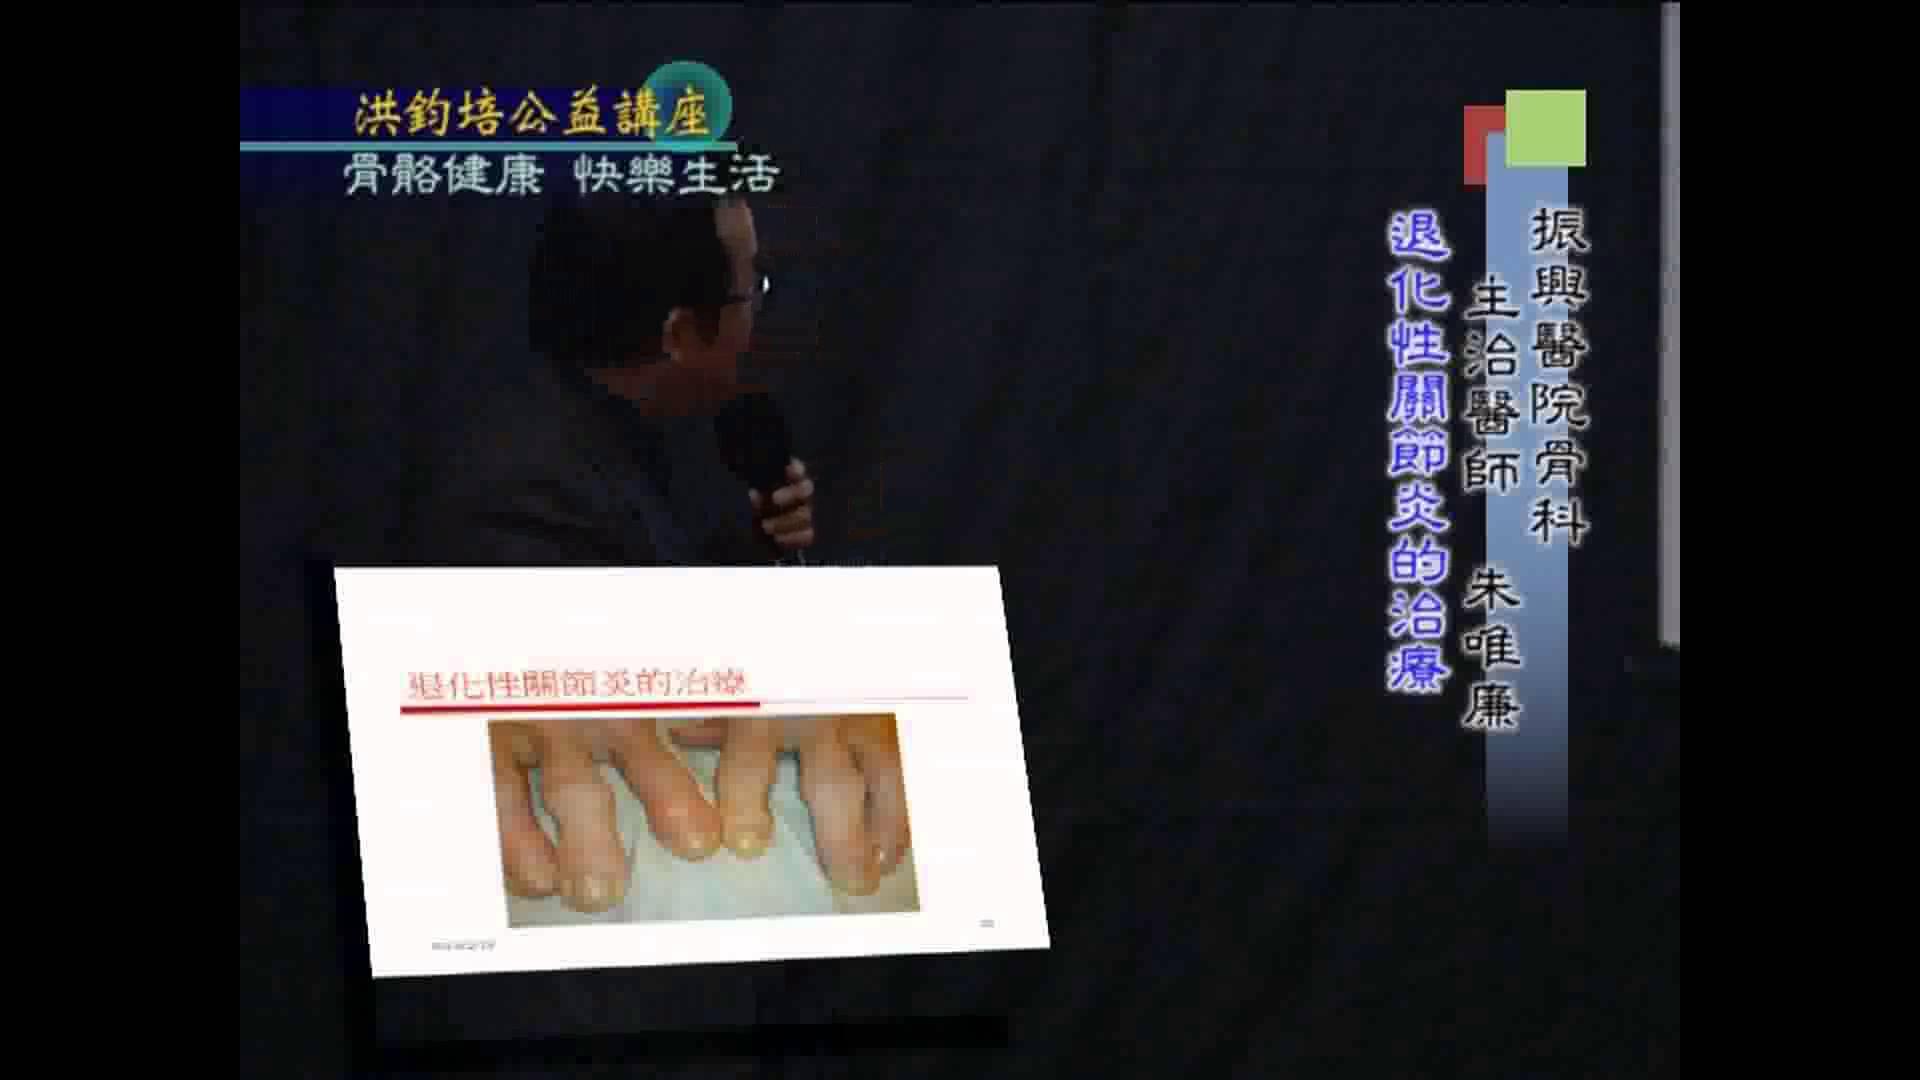 振興醫院骨科主治醫師朱唯廉演講:骨骼健康、快樂生活(四)